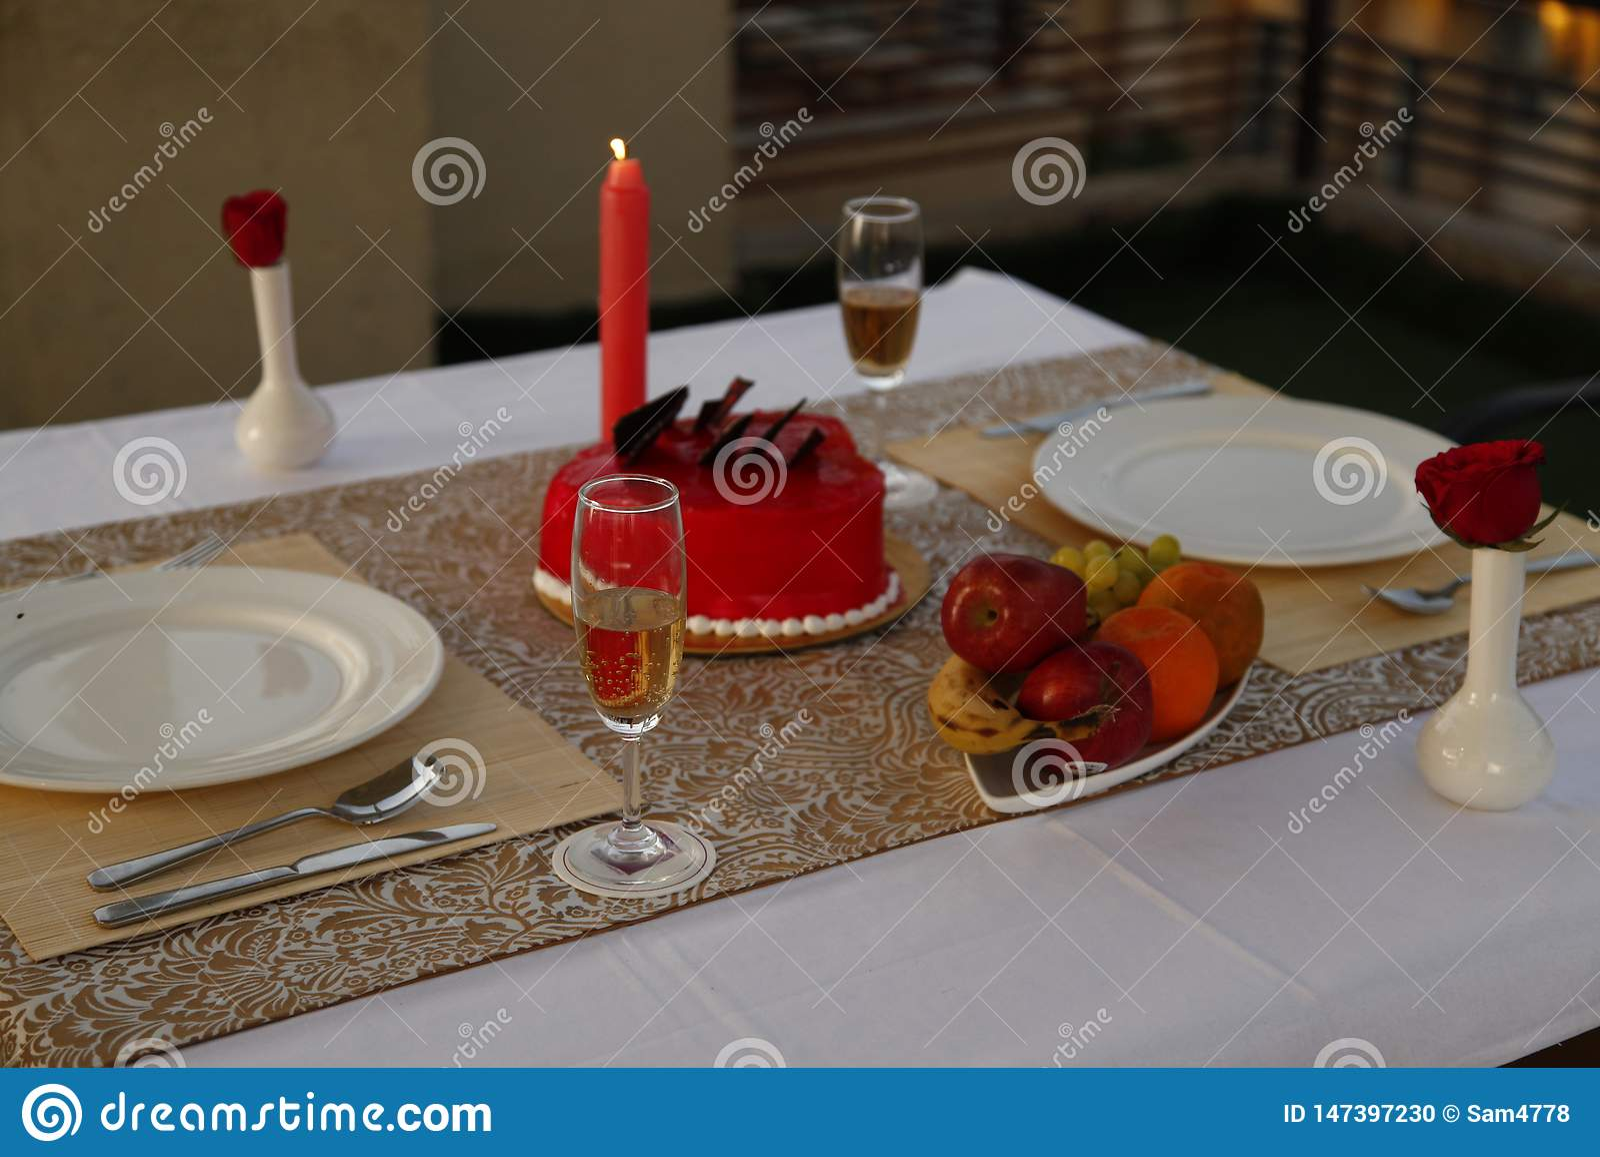 鸡尾酒,夏天冷饮,浪漫蜡烛光晚餐设定